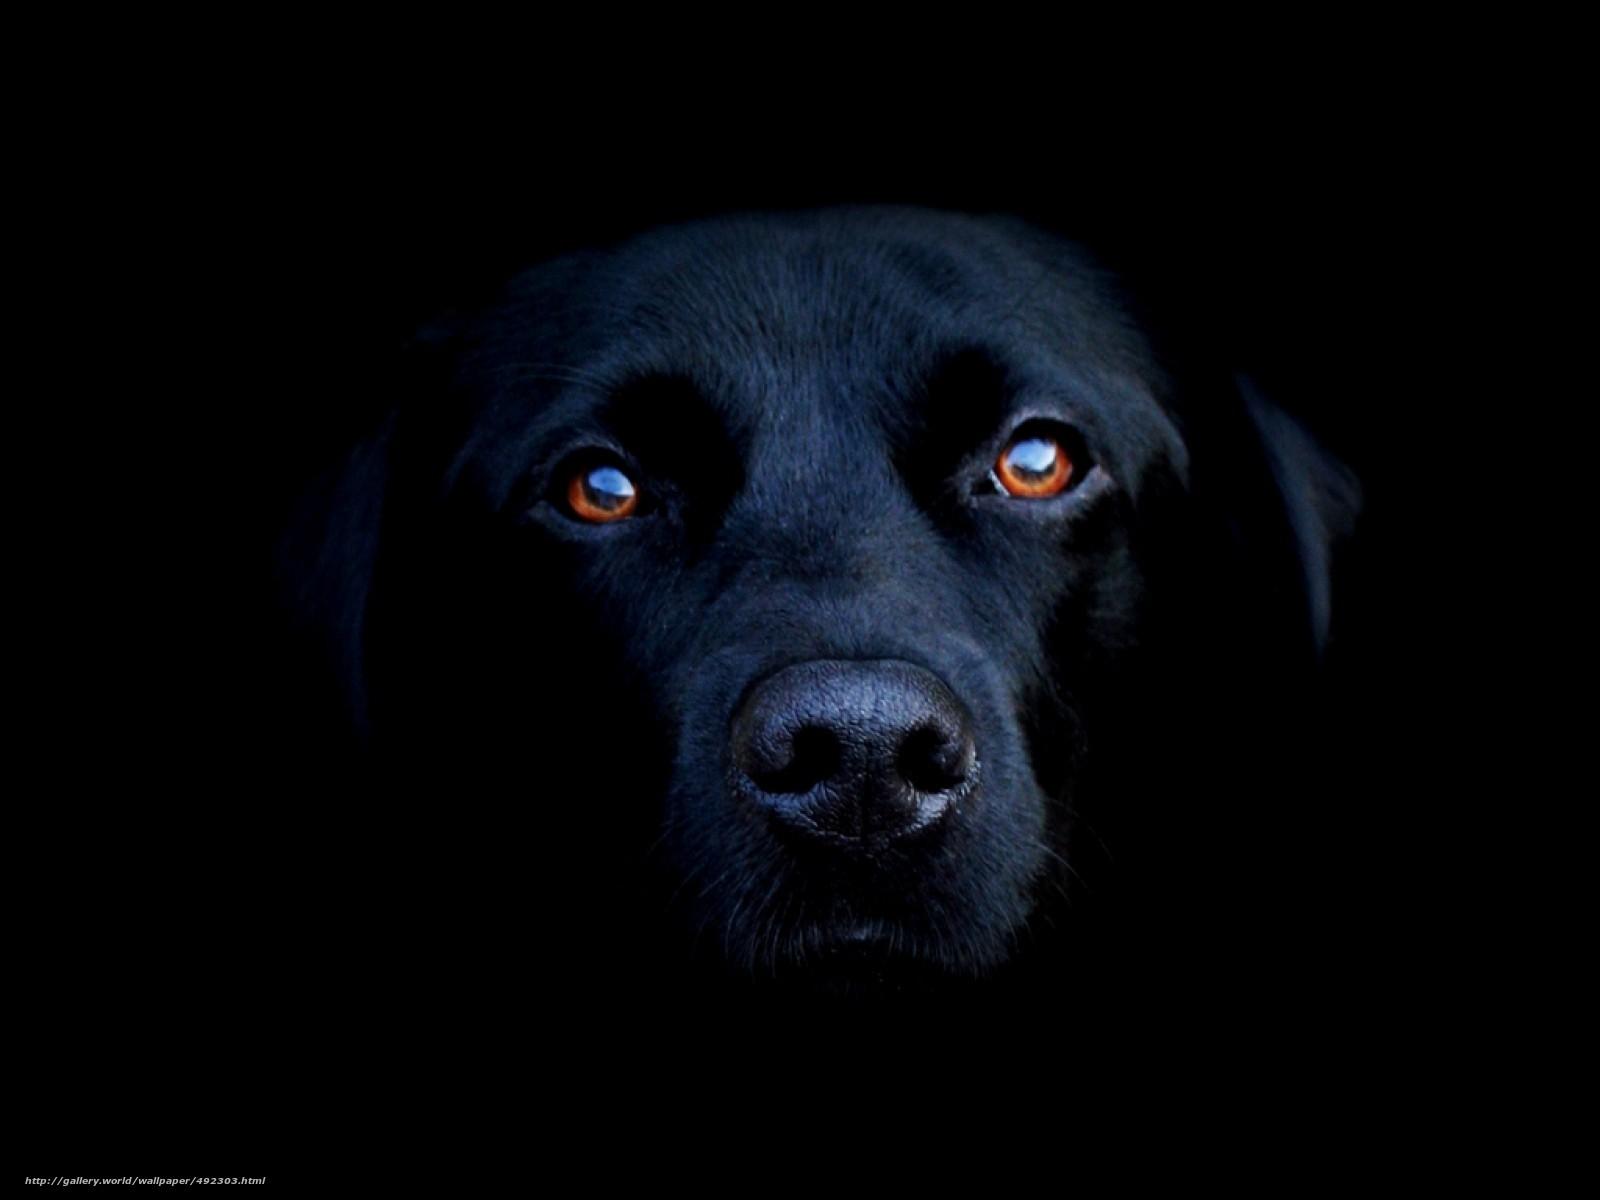 壁紙をダウンロード 犬 黒 背景 デスクトップの解像度のための無料壁紙 1600x10 絵